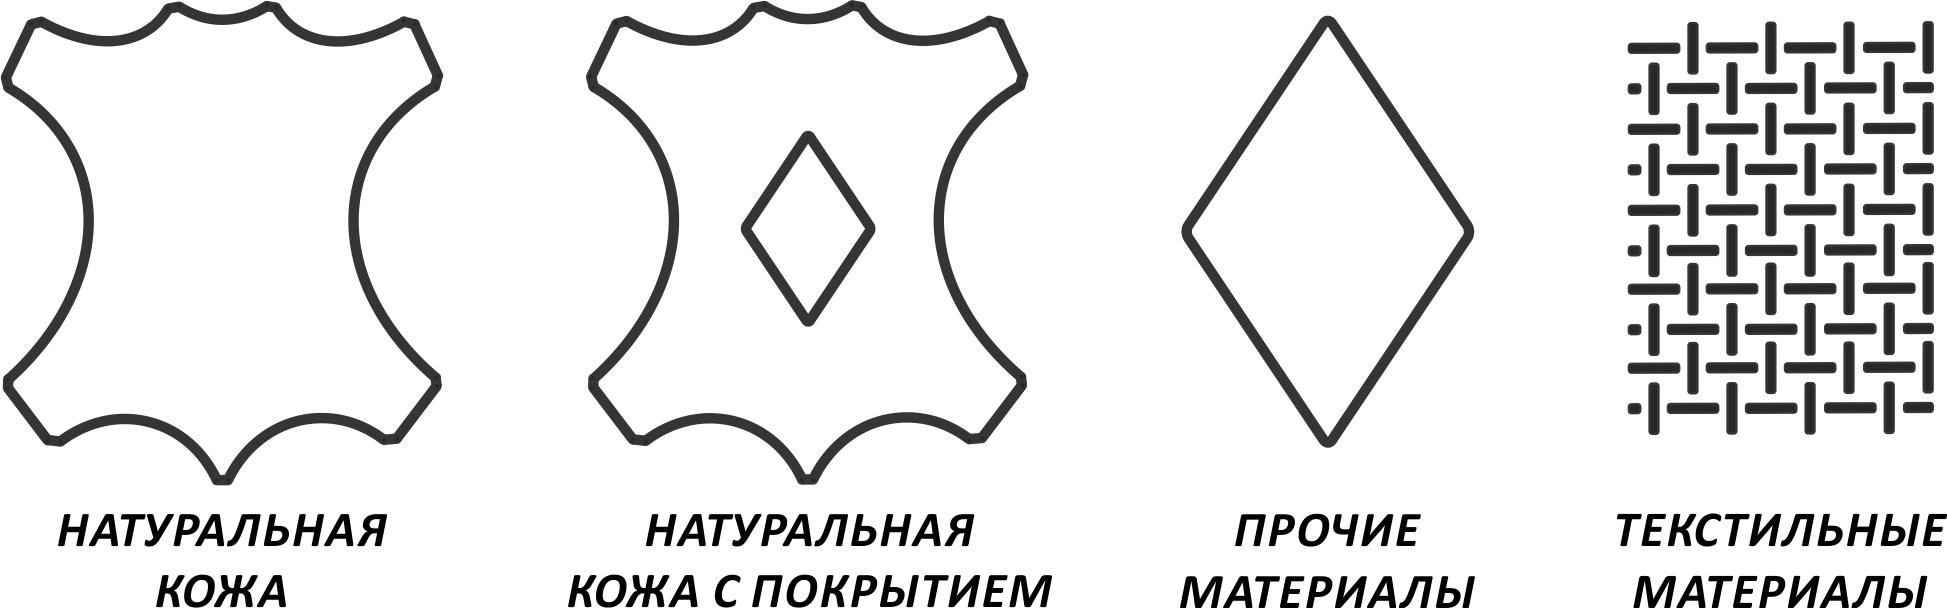 Знак кожи картинка нарисованные